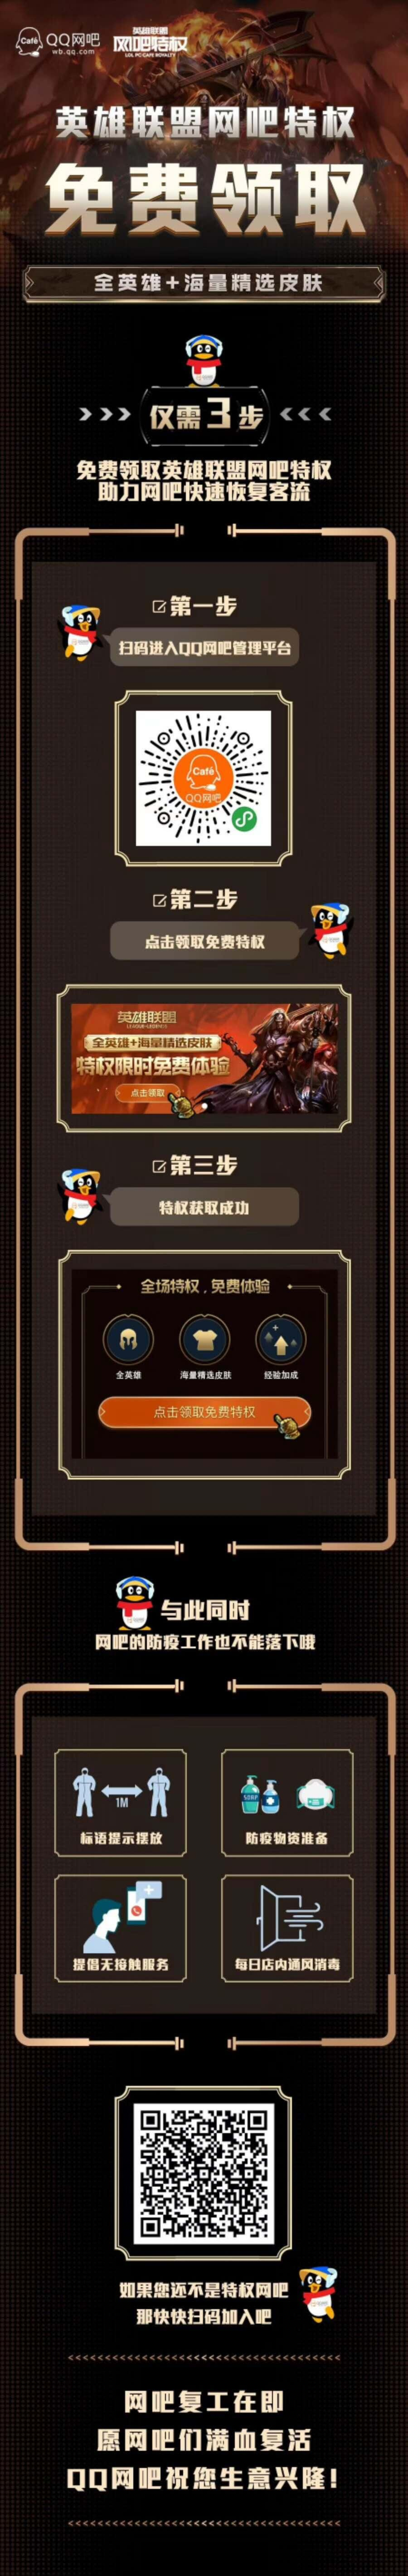 QQ网吧英雄联盟特权15天钻石特权免费领